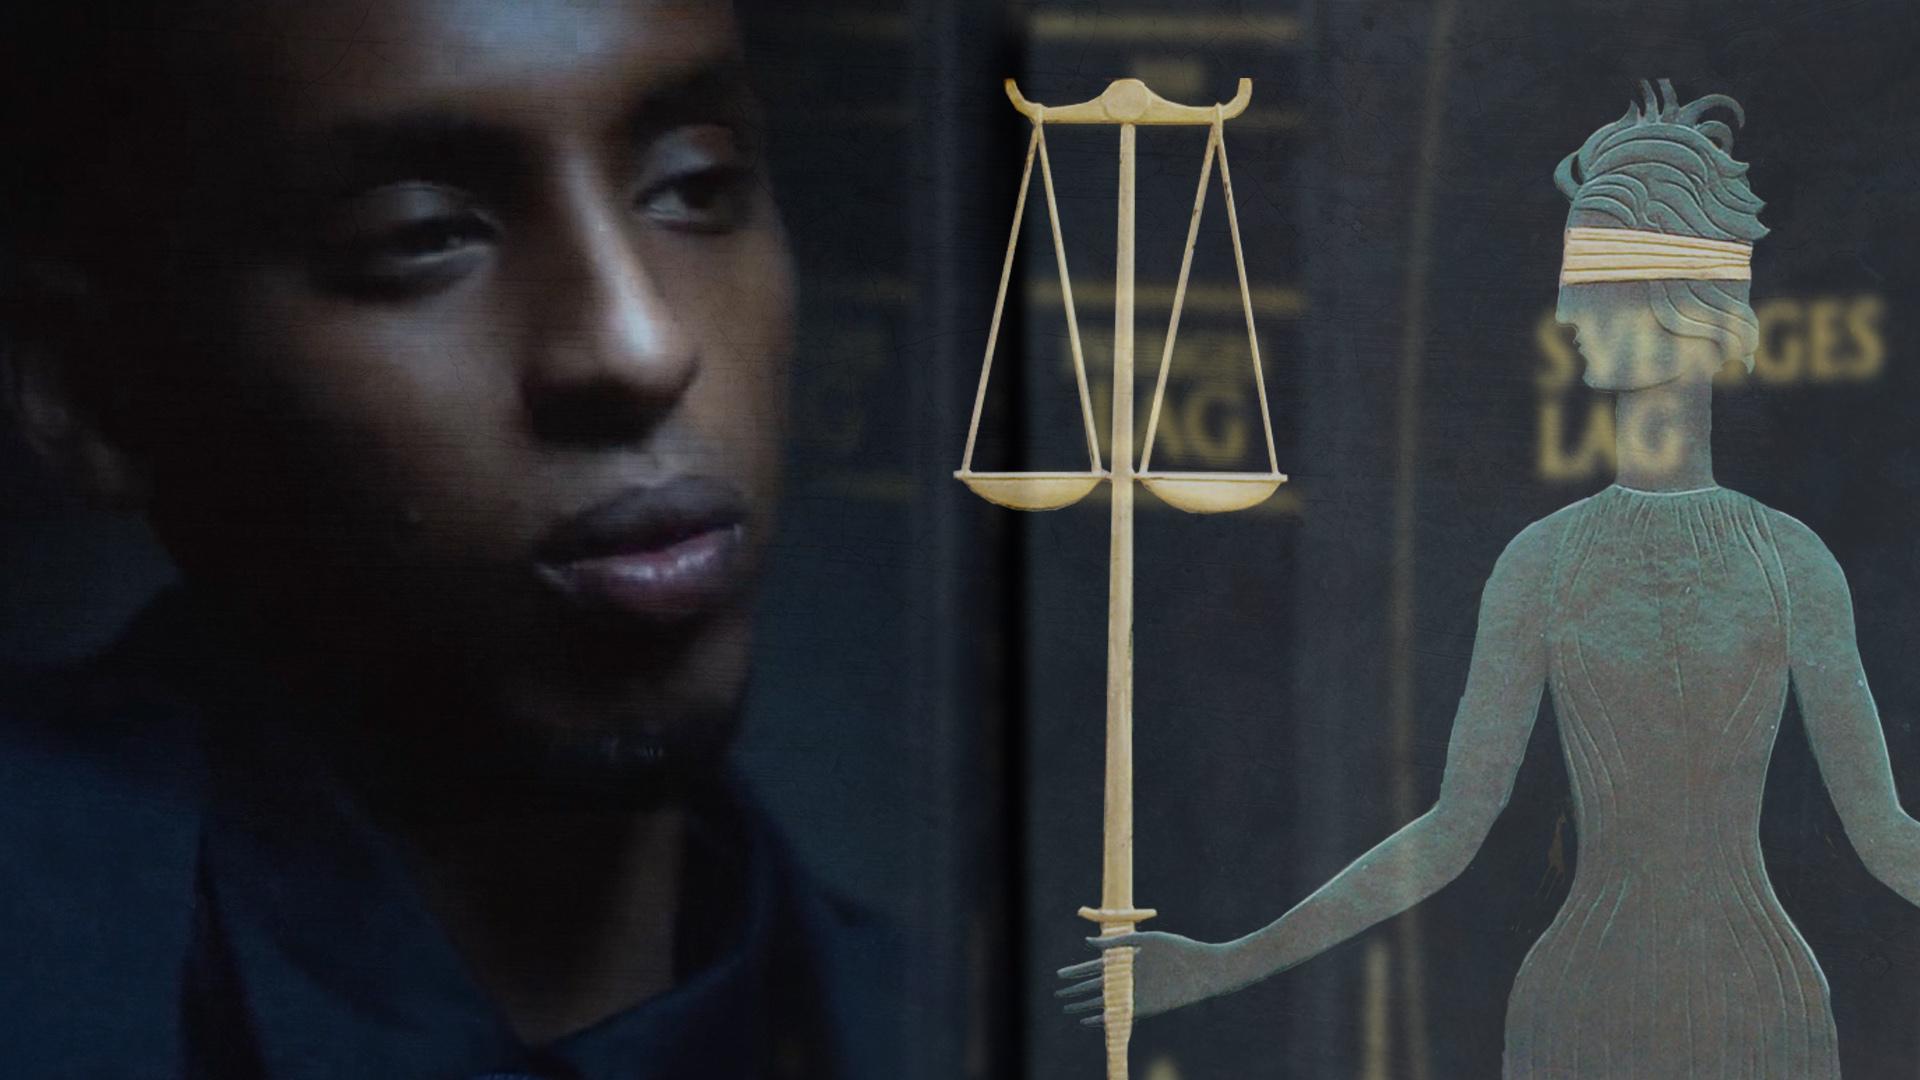 Artisten Yasin inför rätta idag – detta har hänt i uppmärksammade fallet